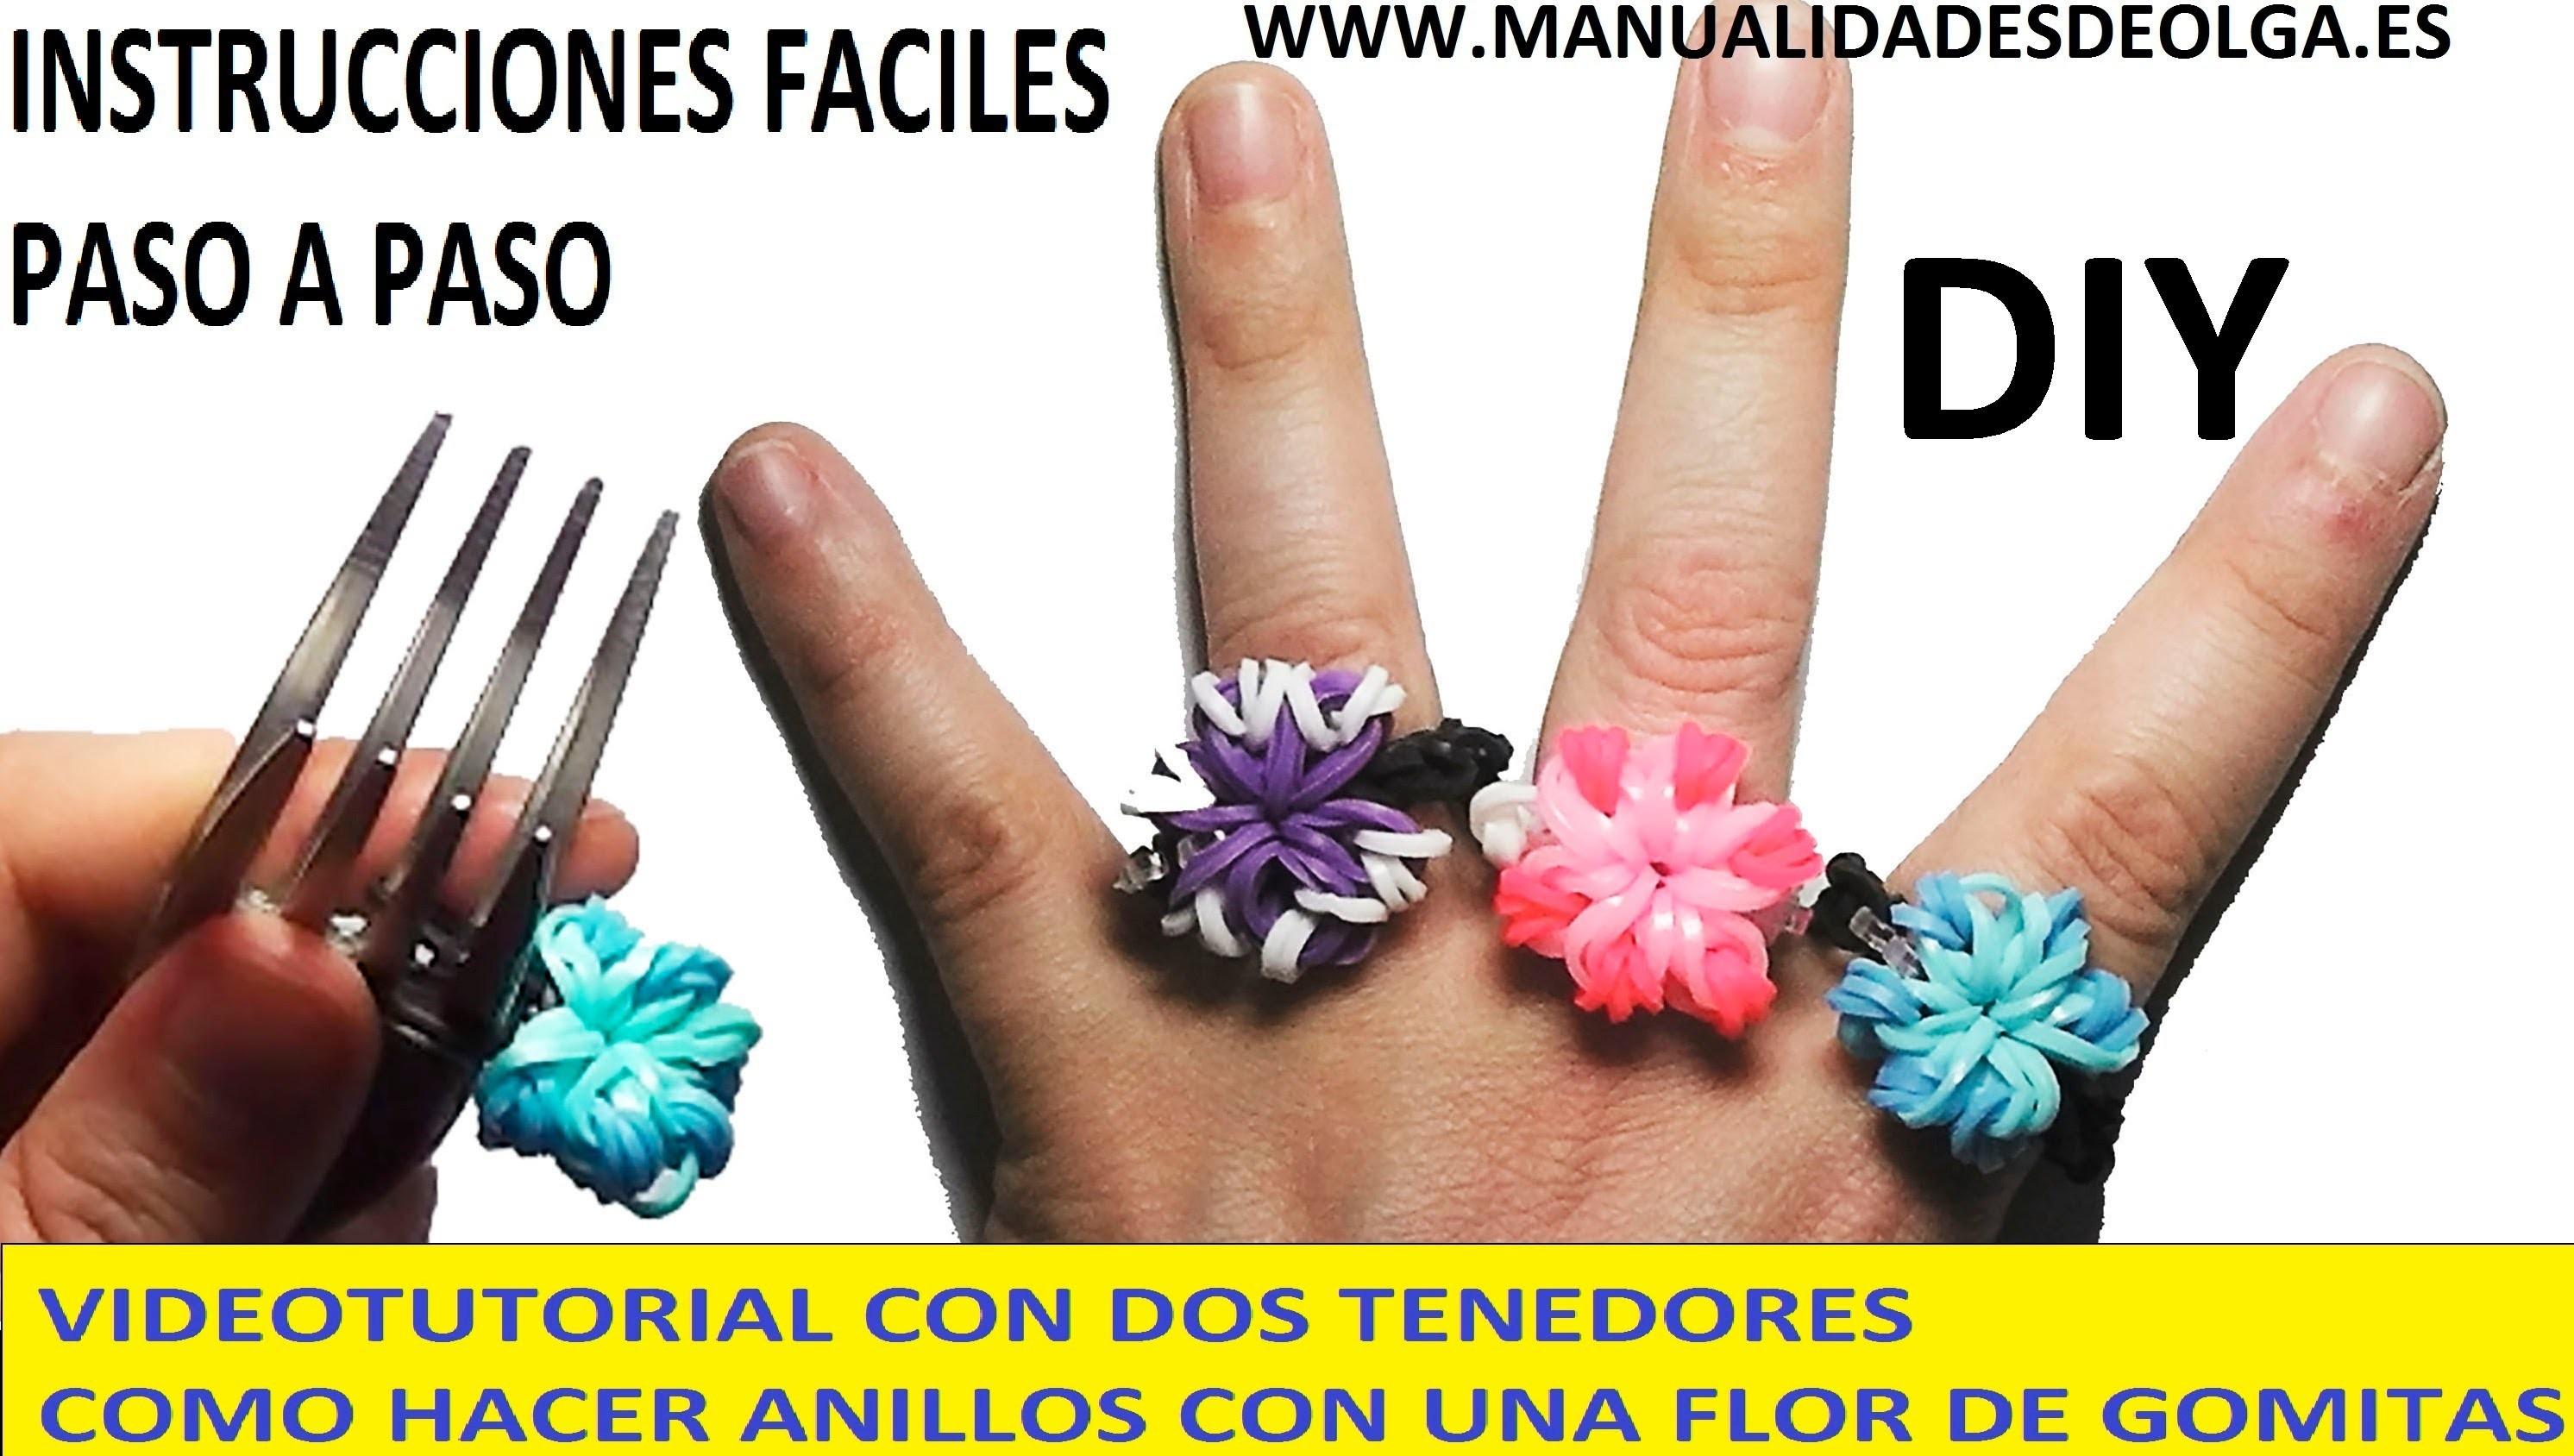 COMO HACER UN ANILLO CON UNA FLOR DE GOMITAS CON DOS TENEDORES. MUY FACIL. VIDEO TUTORIAL DIY